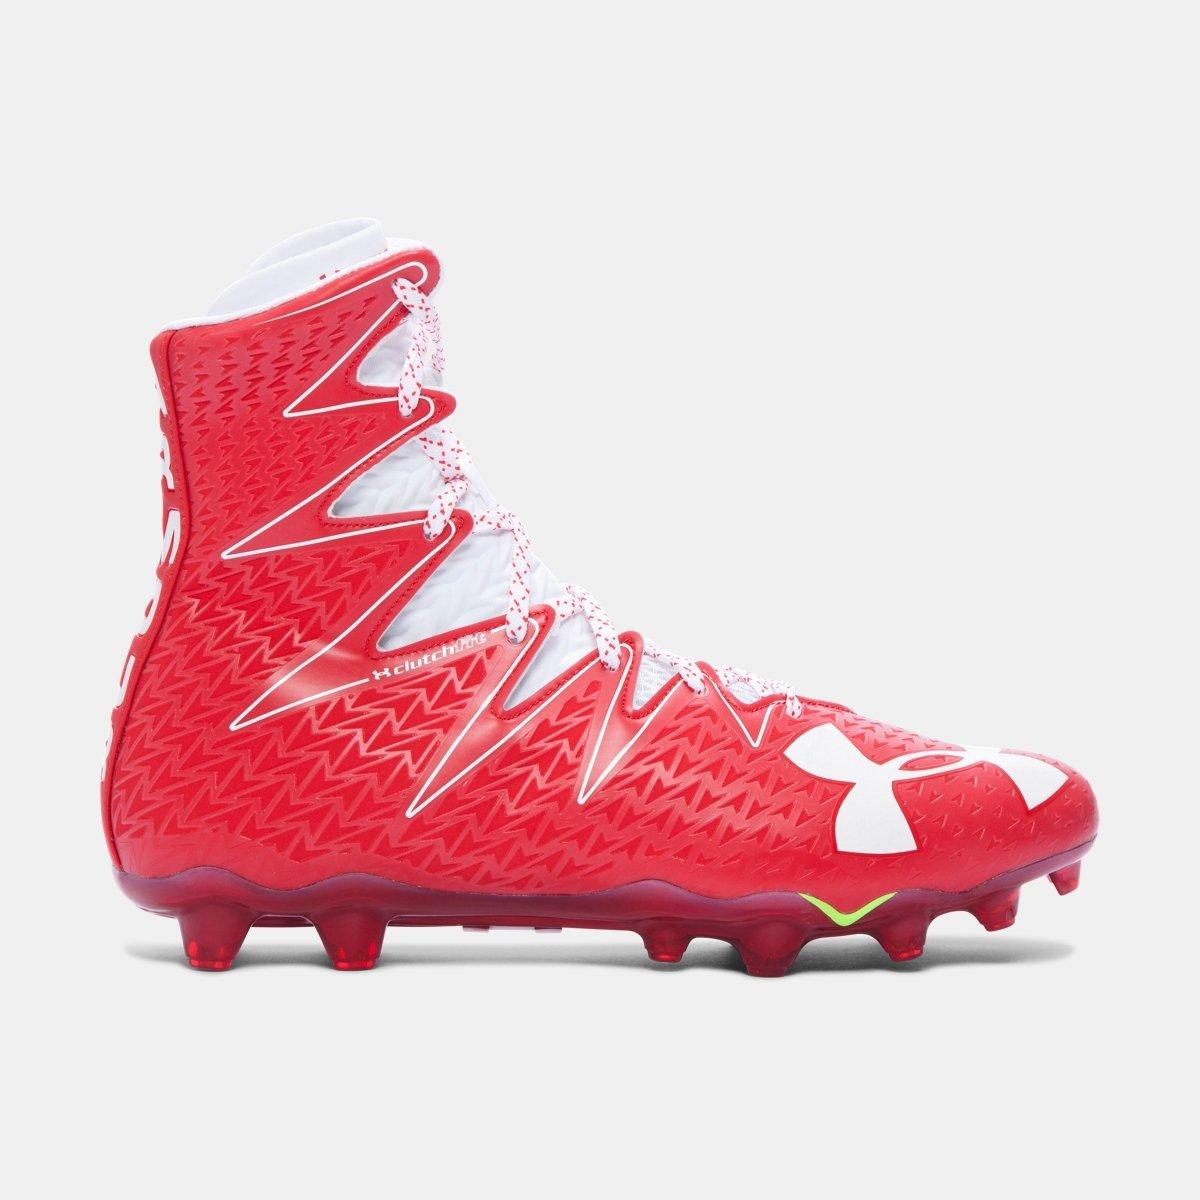 [アンダーアーマー] メンズ UA Highlight MC Football Cleats [並行輸入品] B074WQPBB4 レッド 30.0 cm